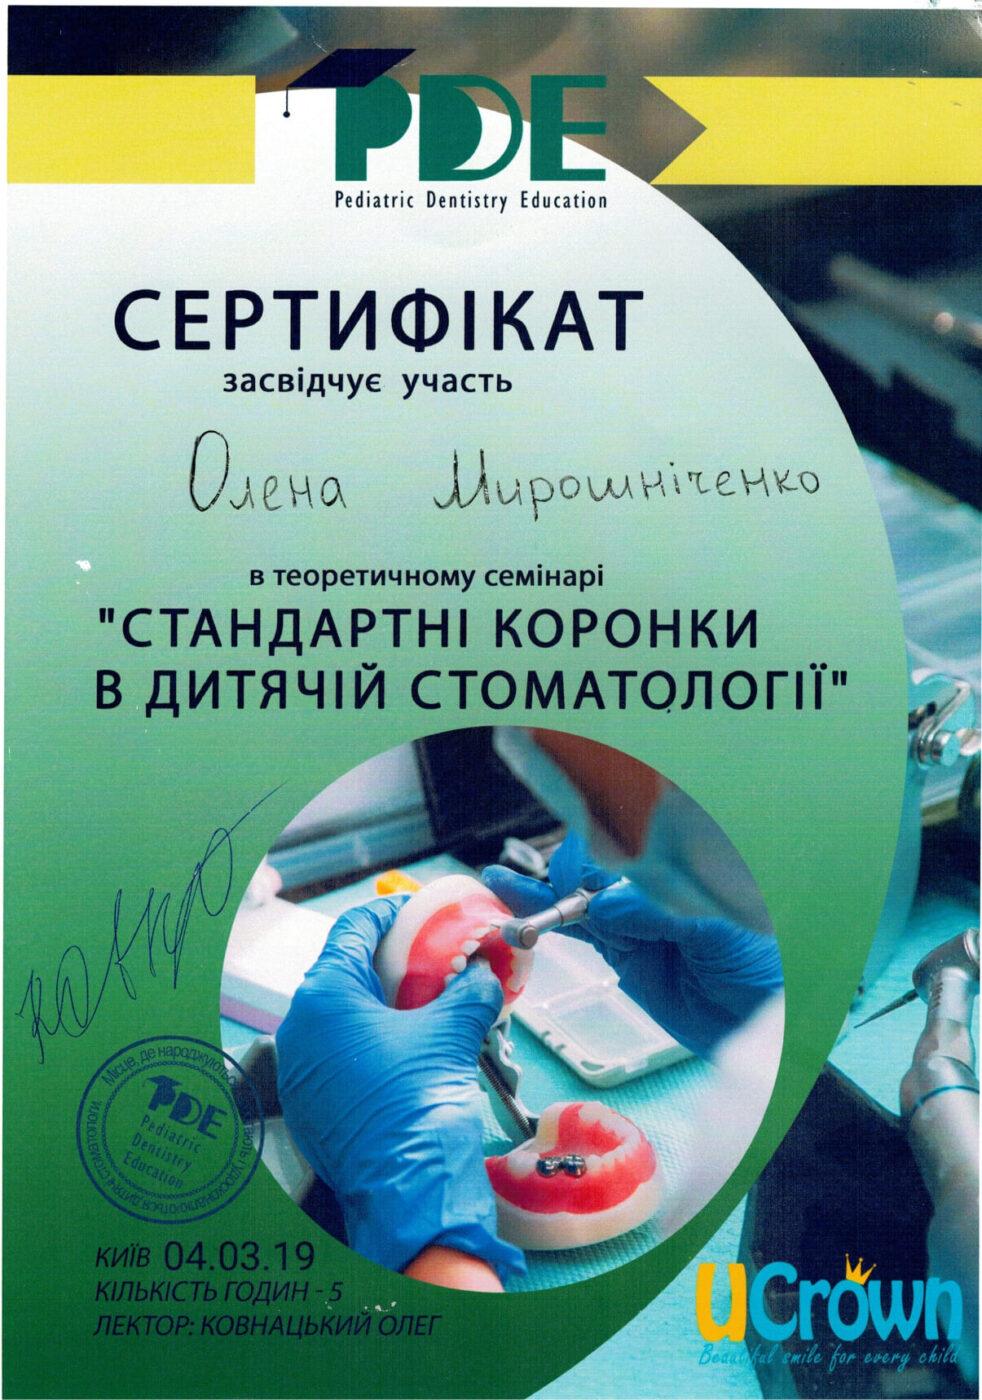 Сертификат подтверждающий участие Алёны Мирошниченко в курсе - Стандартные коронки в детской стоматологи